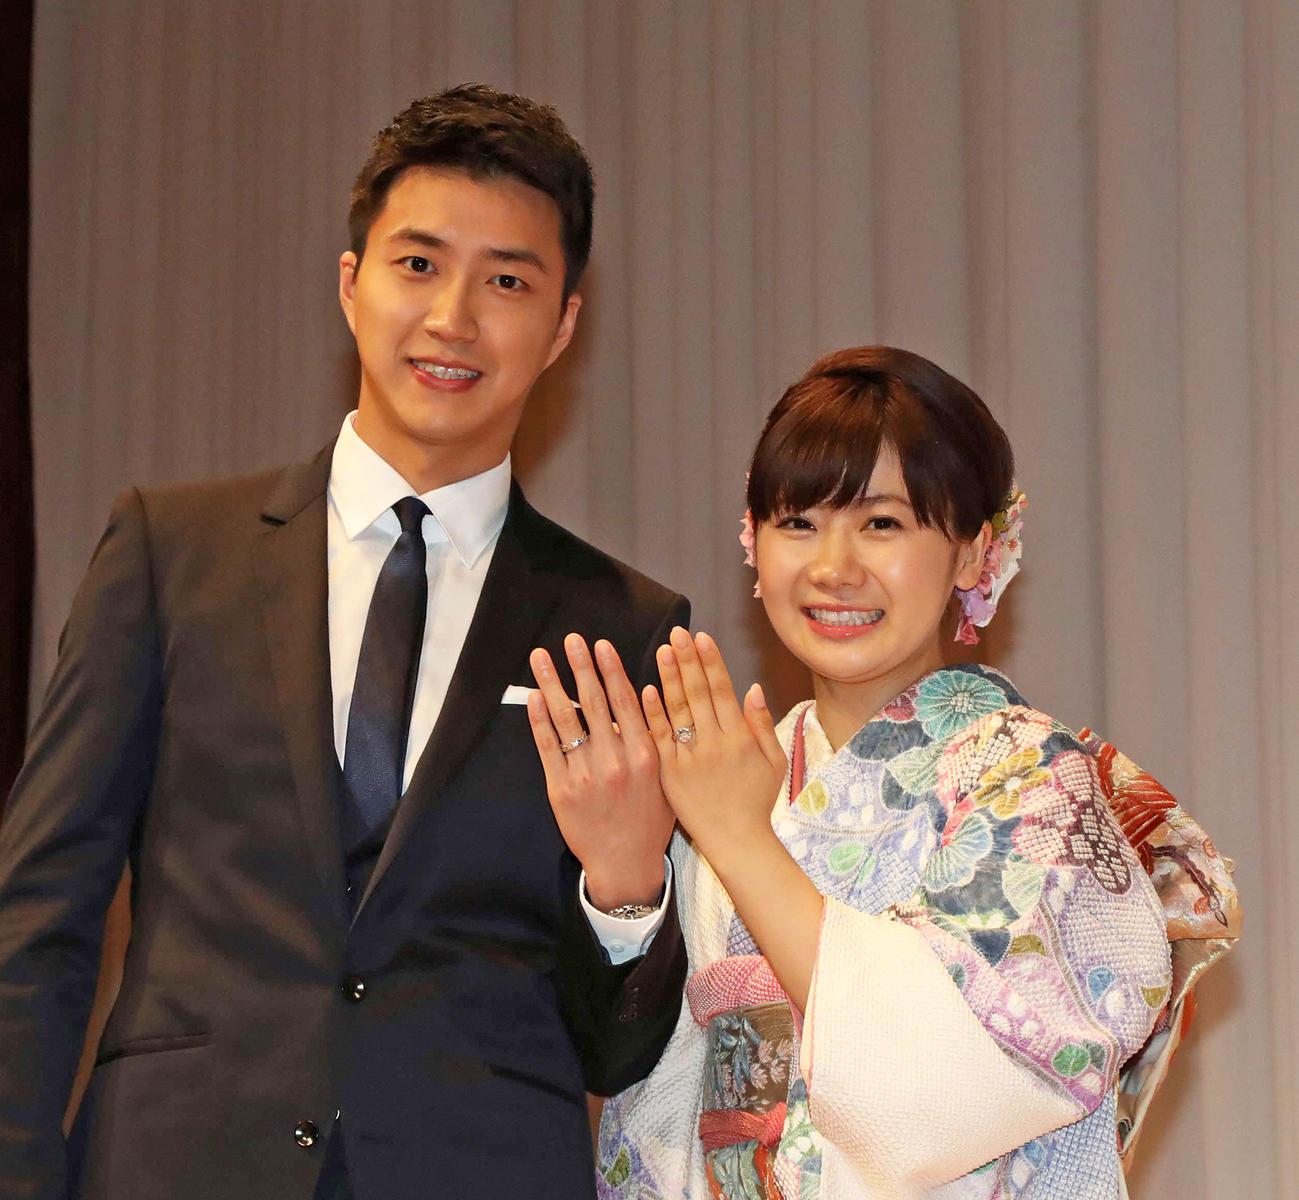 結婚会見で江宏傑氏と指輪を披露する福原愛さん(2016年9月21日撮影)